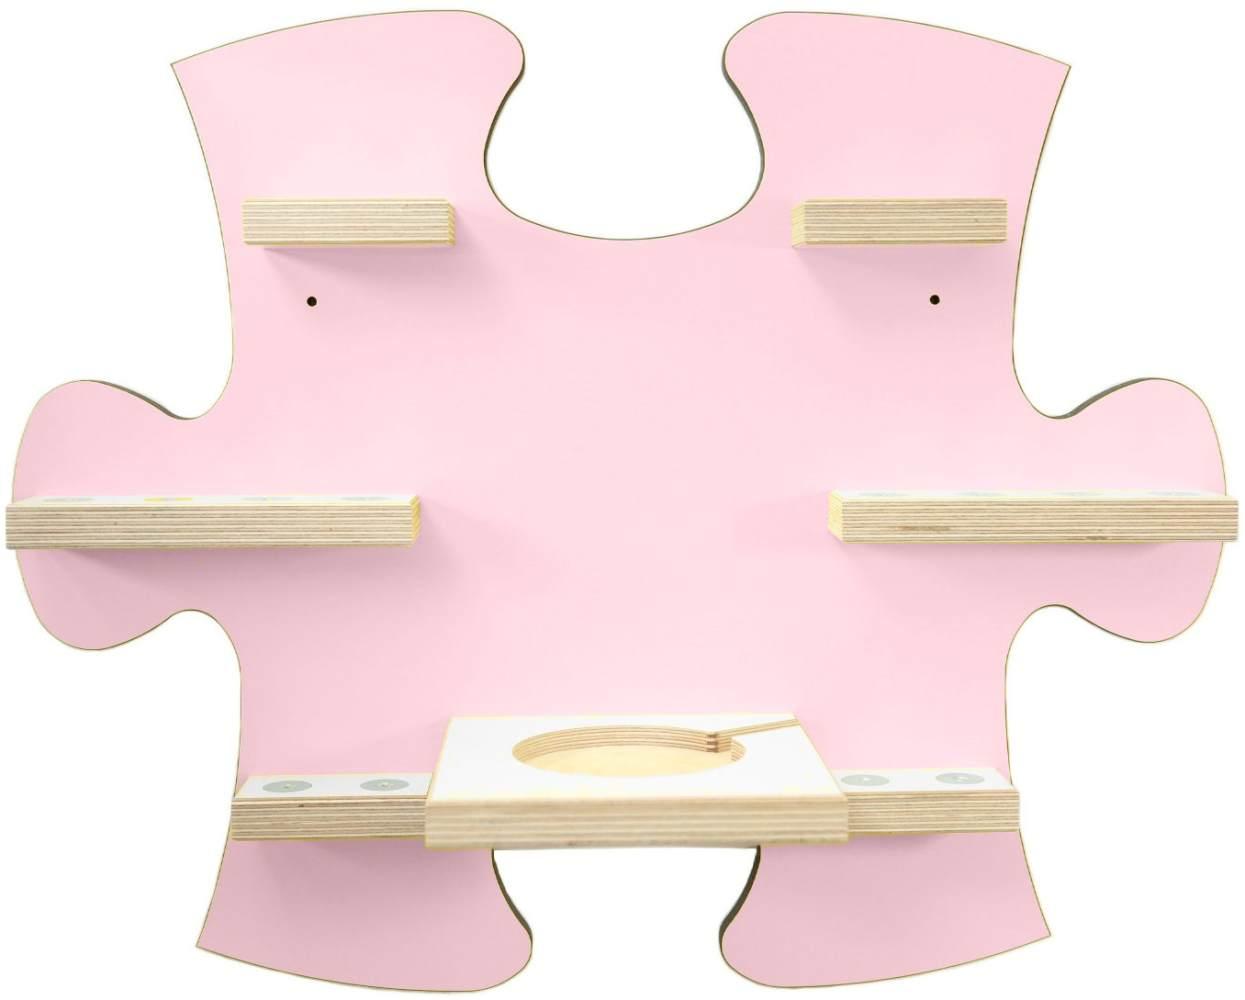 Schreinerei Linden 'Puzzle B' Tonie Regal mit Ladestation, rosa Bild 1